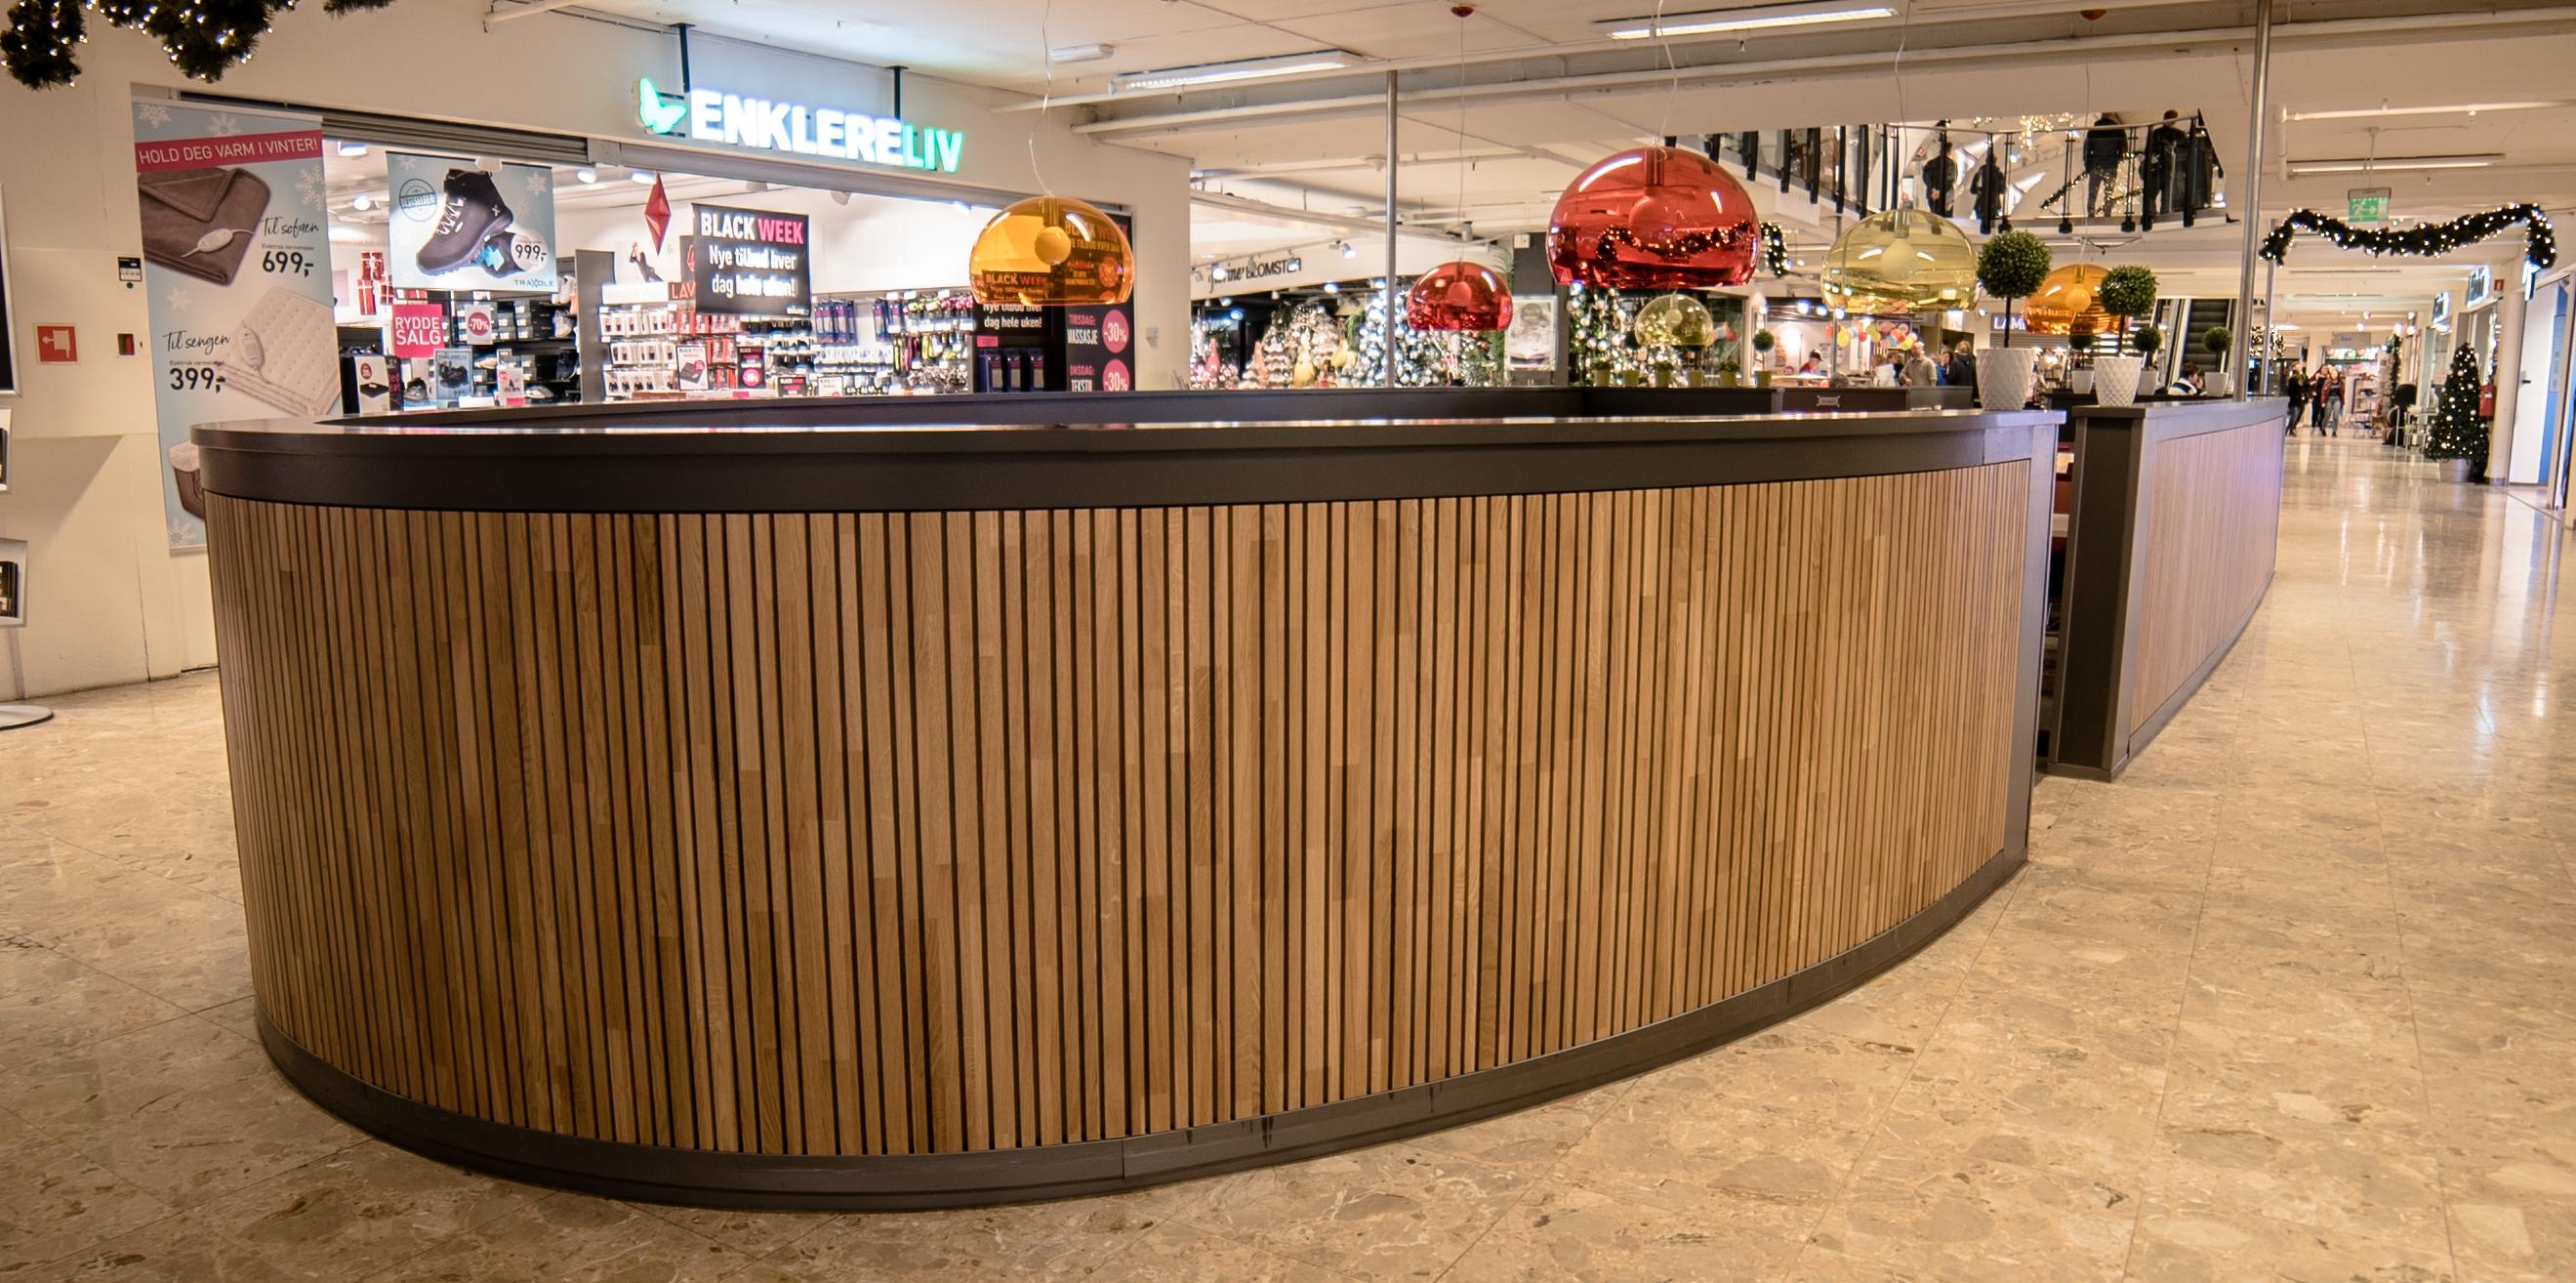 Flexi spilevegg ferdig montert hos Magneten Kjøpesenter, Levanger